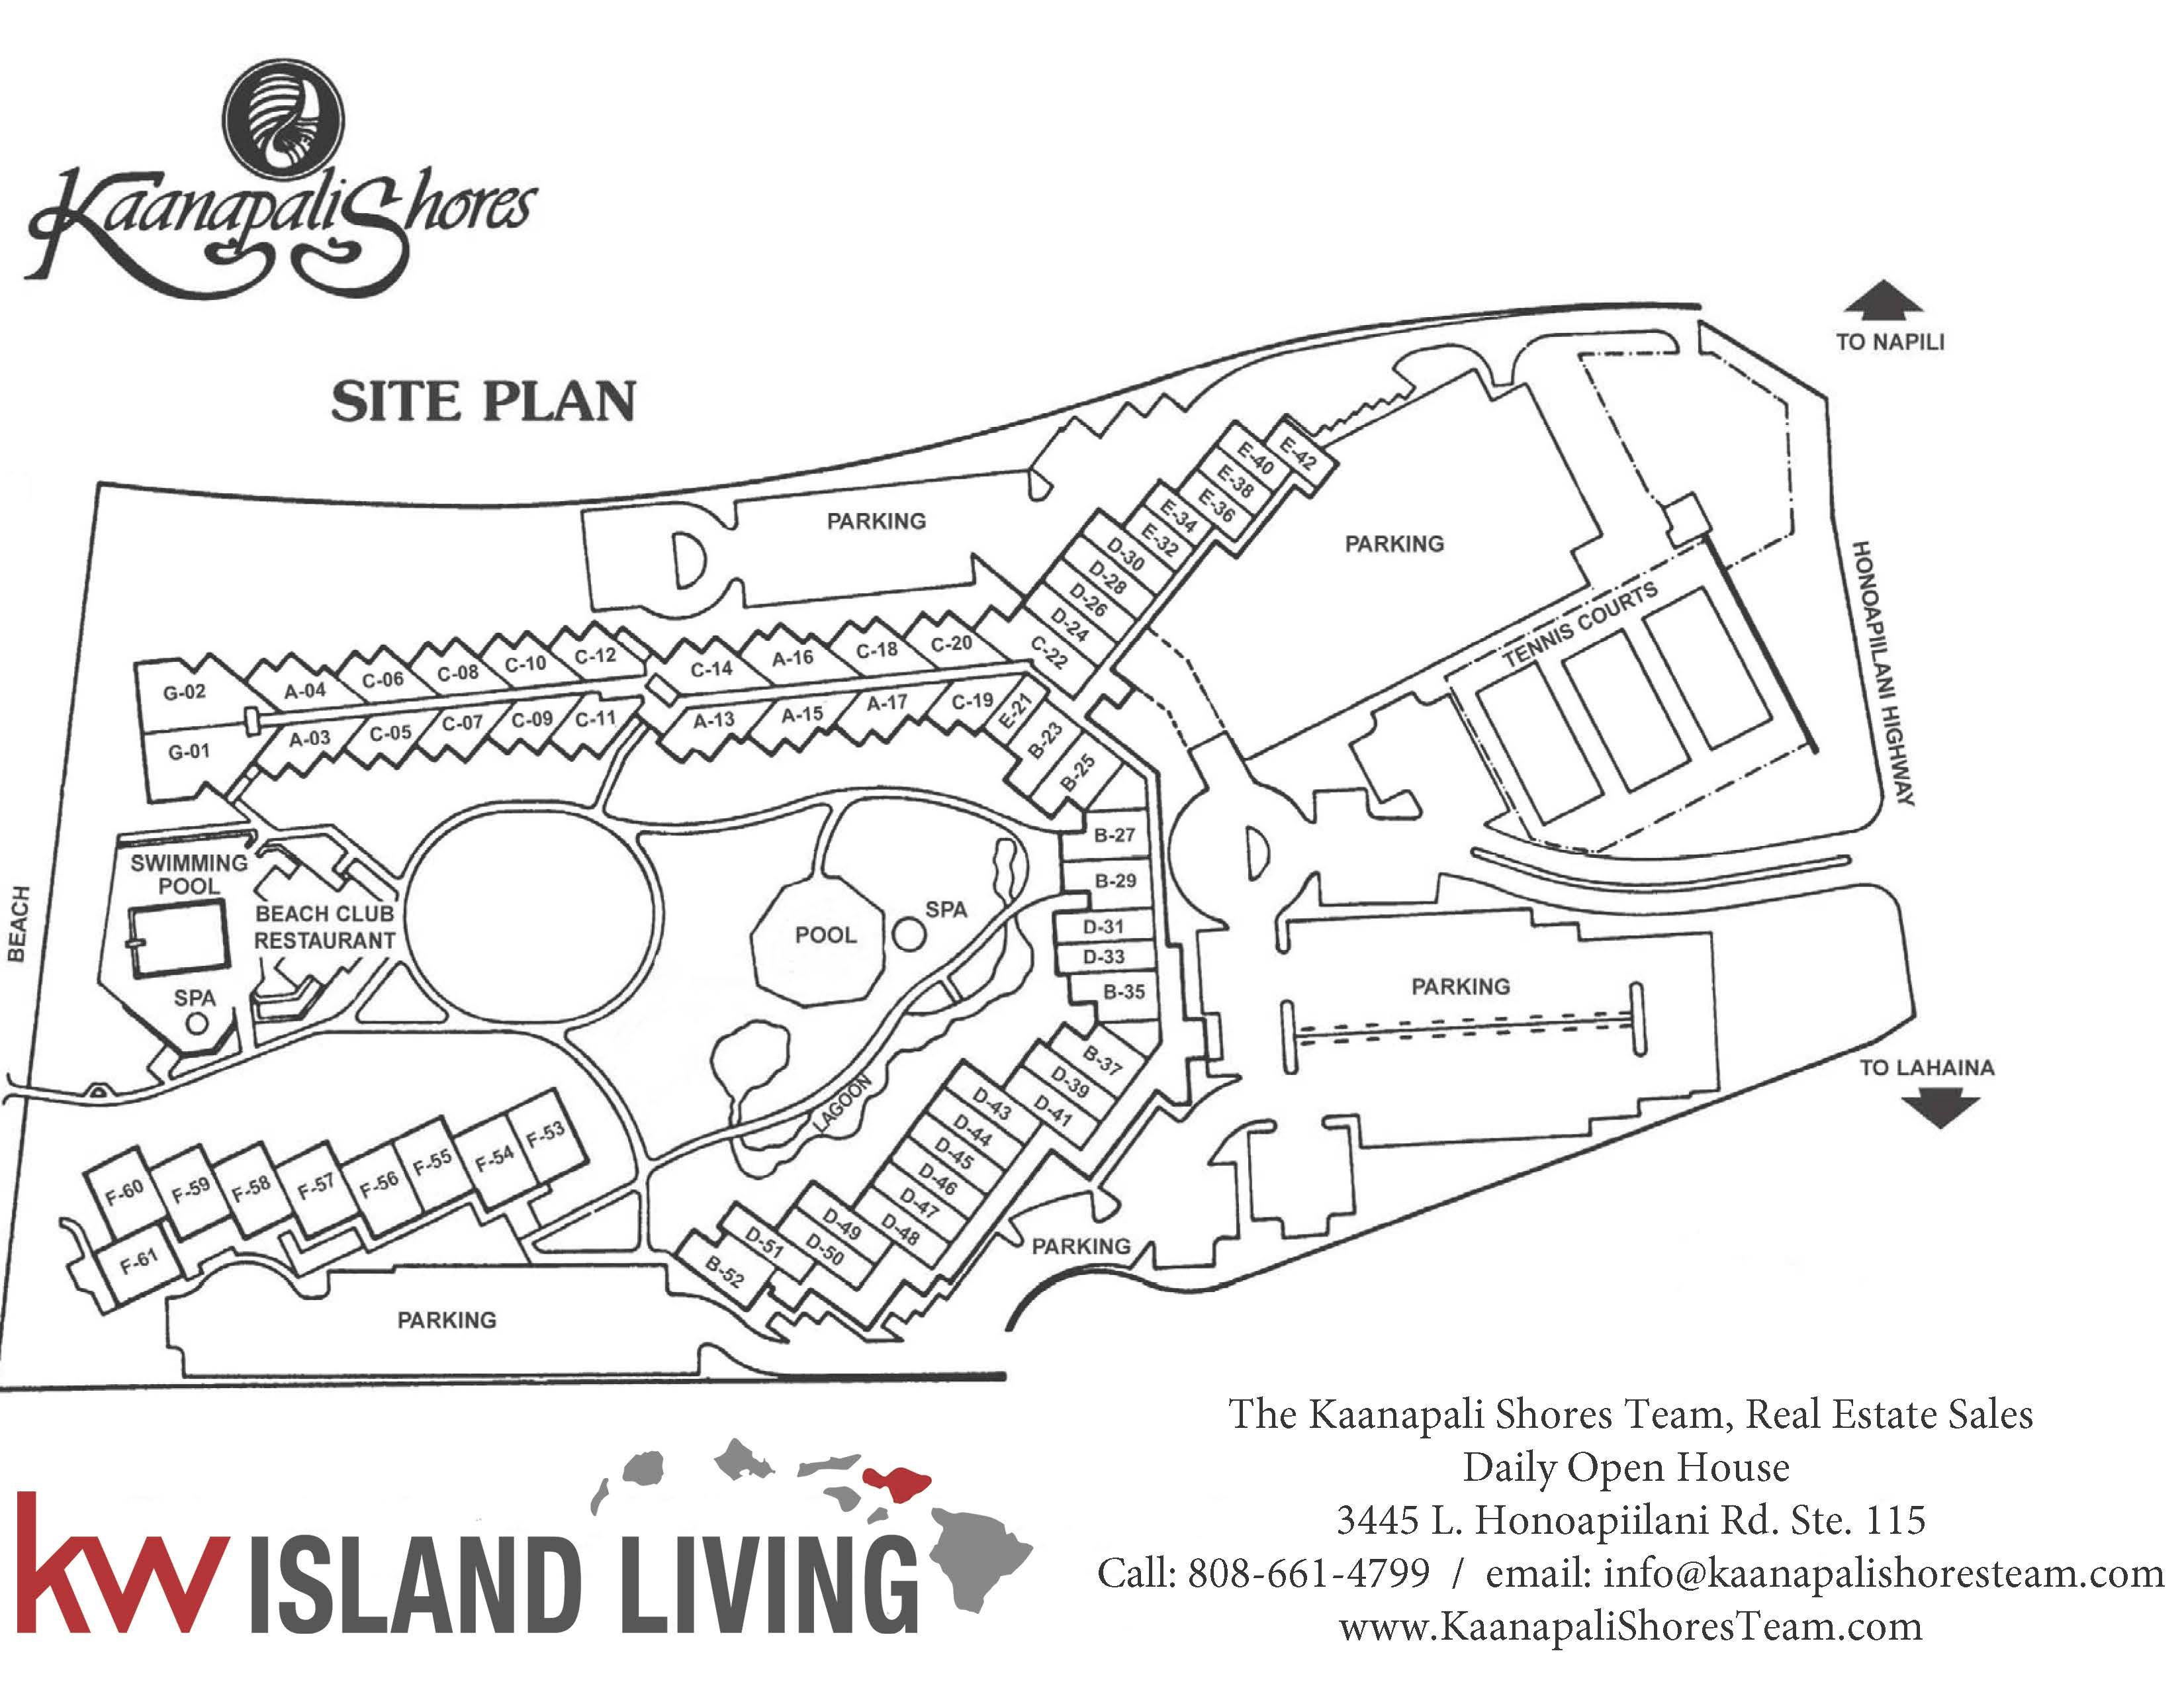 Kaanapali Shores Site Plan